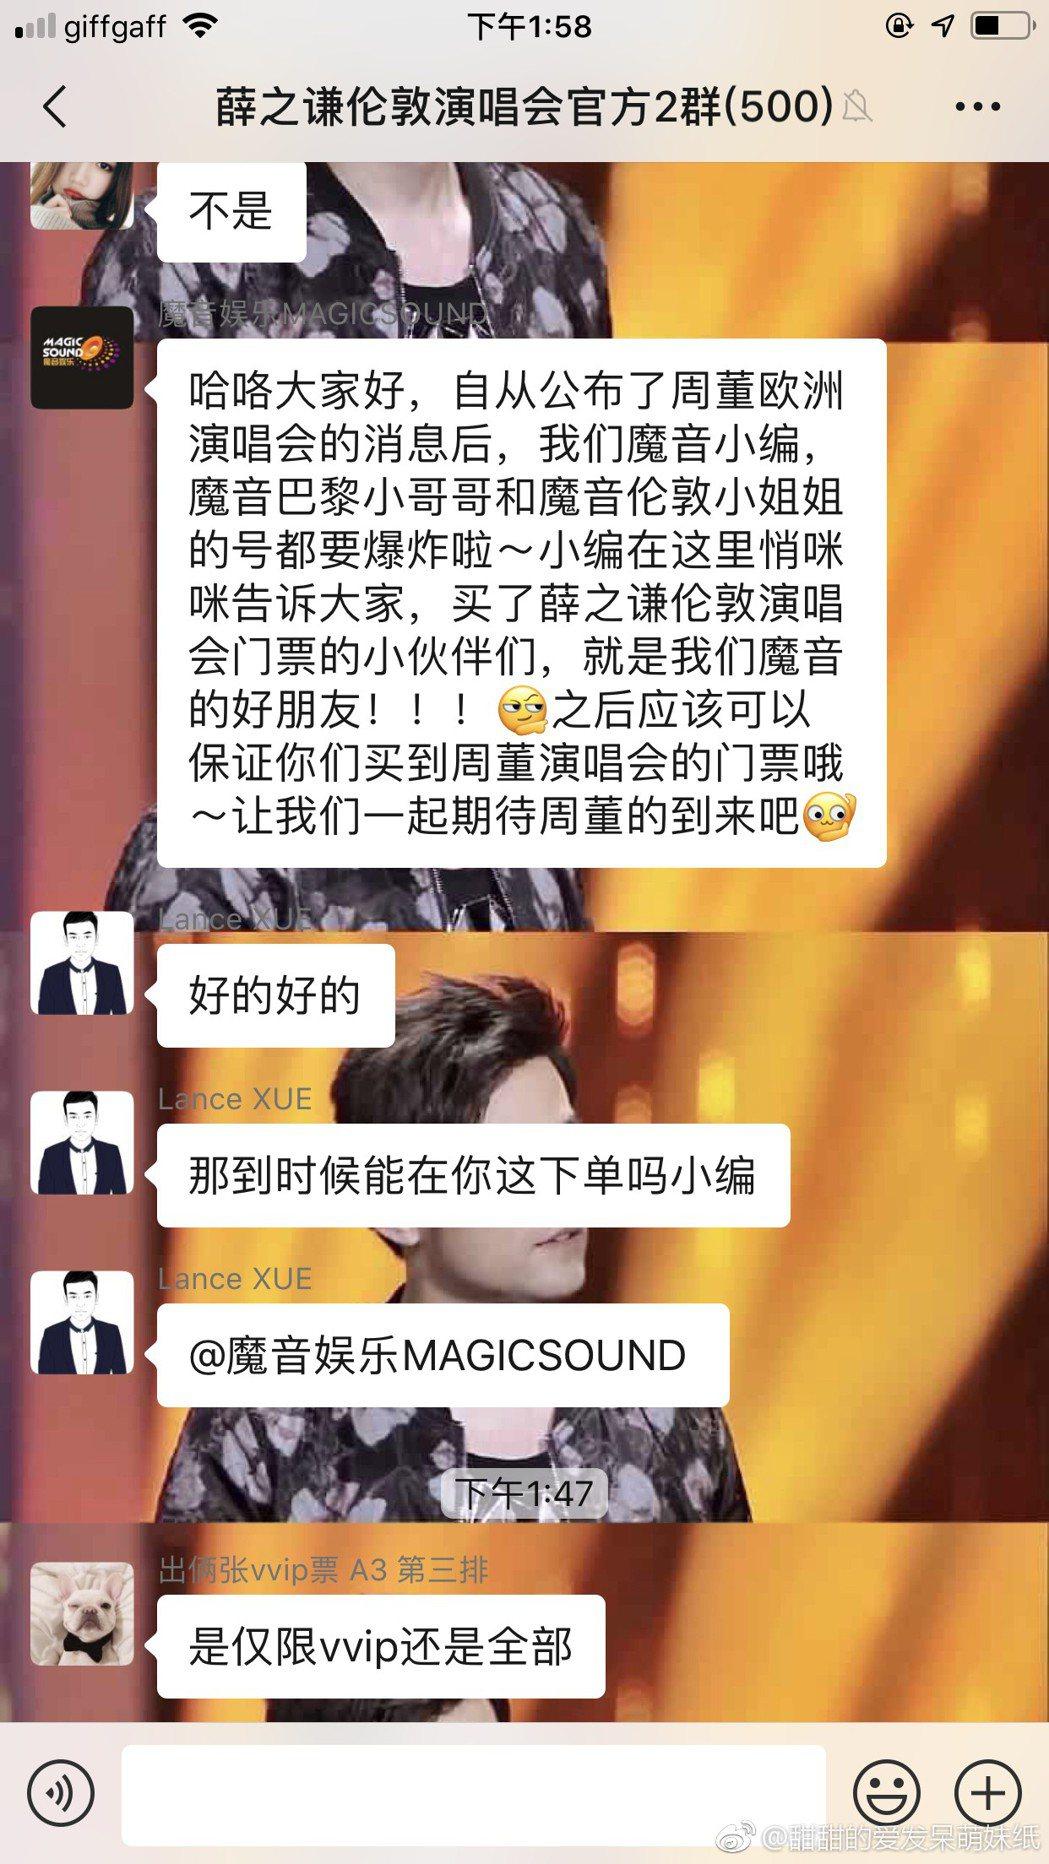 網友貼出薛之謙倫敦演唱會微信群截圖。 圖/擷自微博